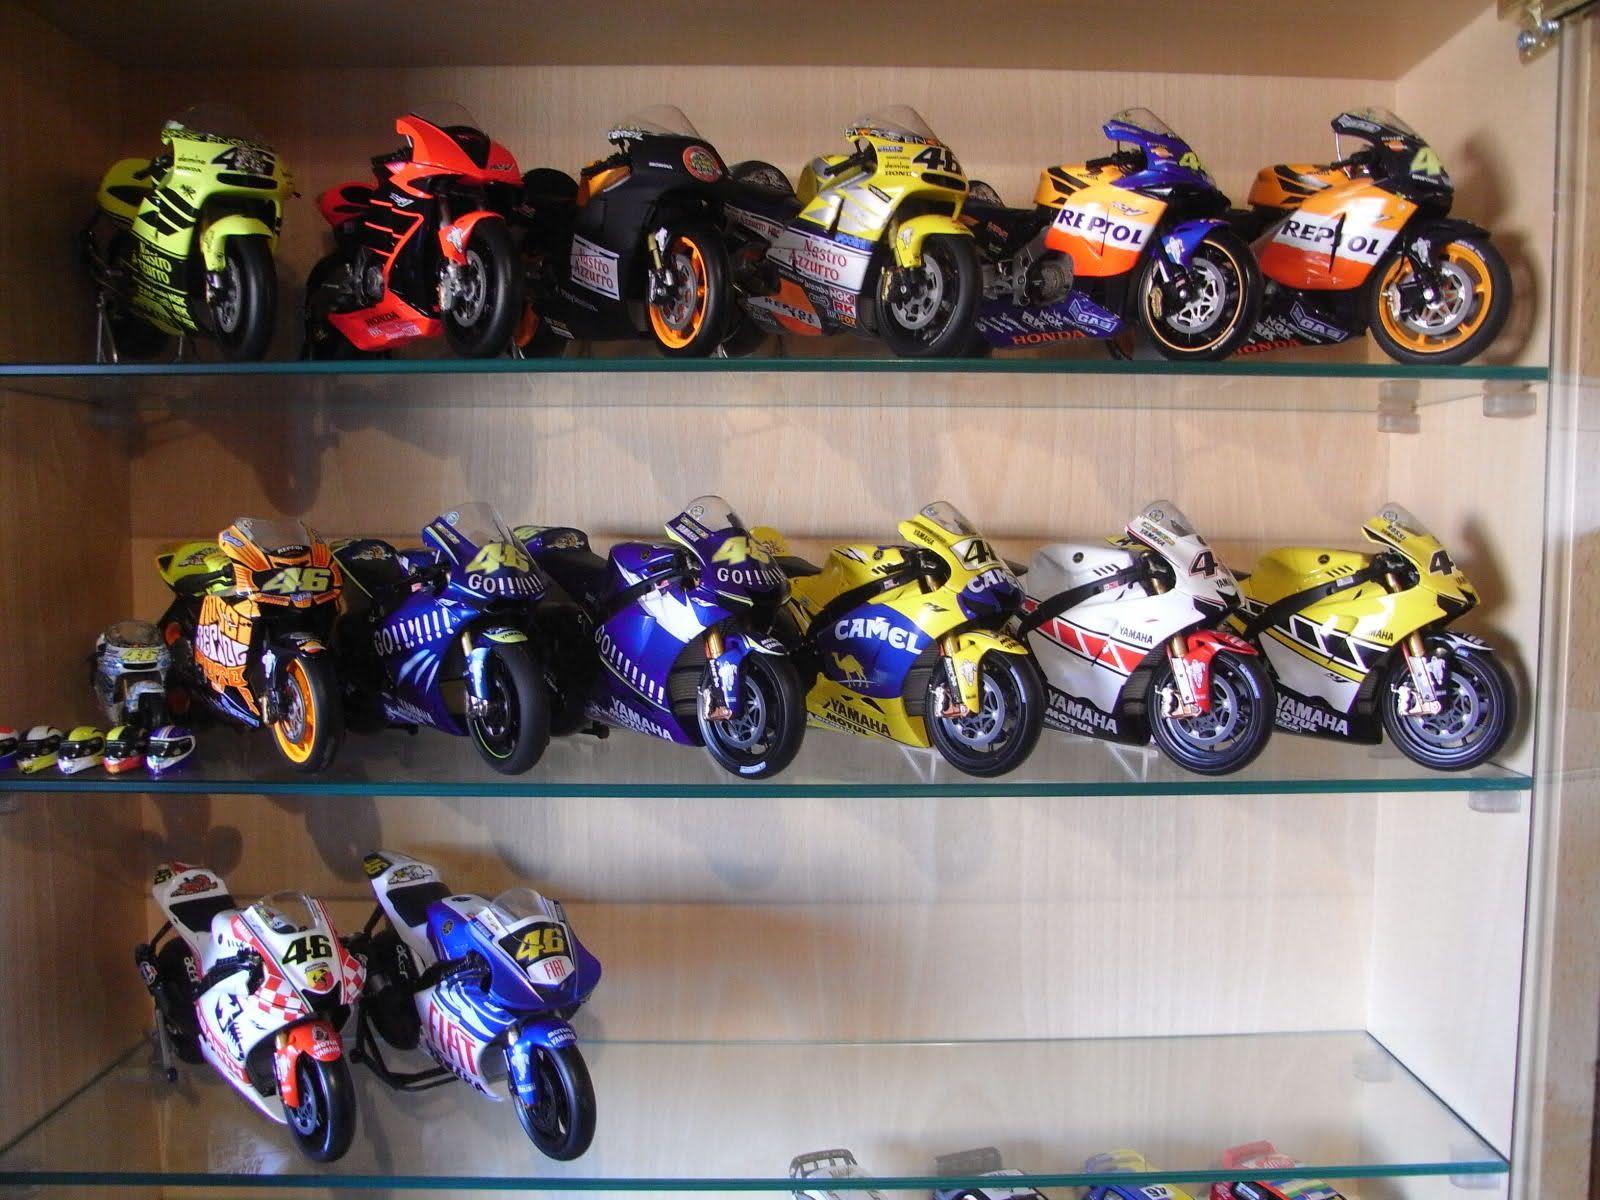 Colecciona Motos Buscar Con Google Juguetes Colecciones